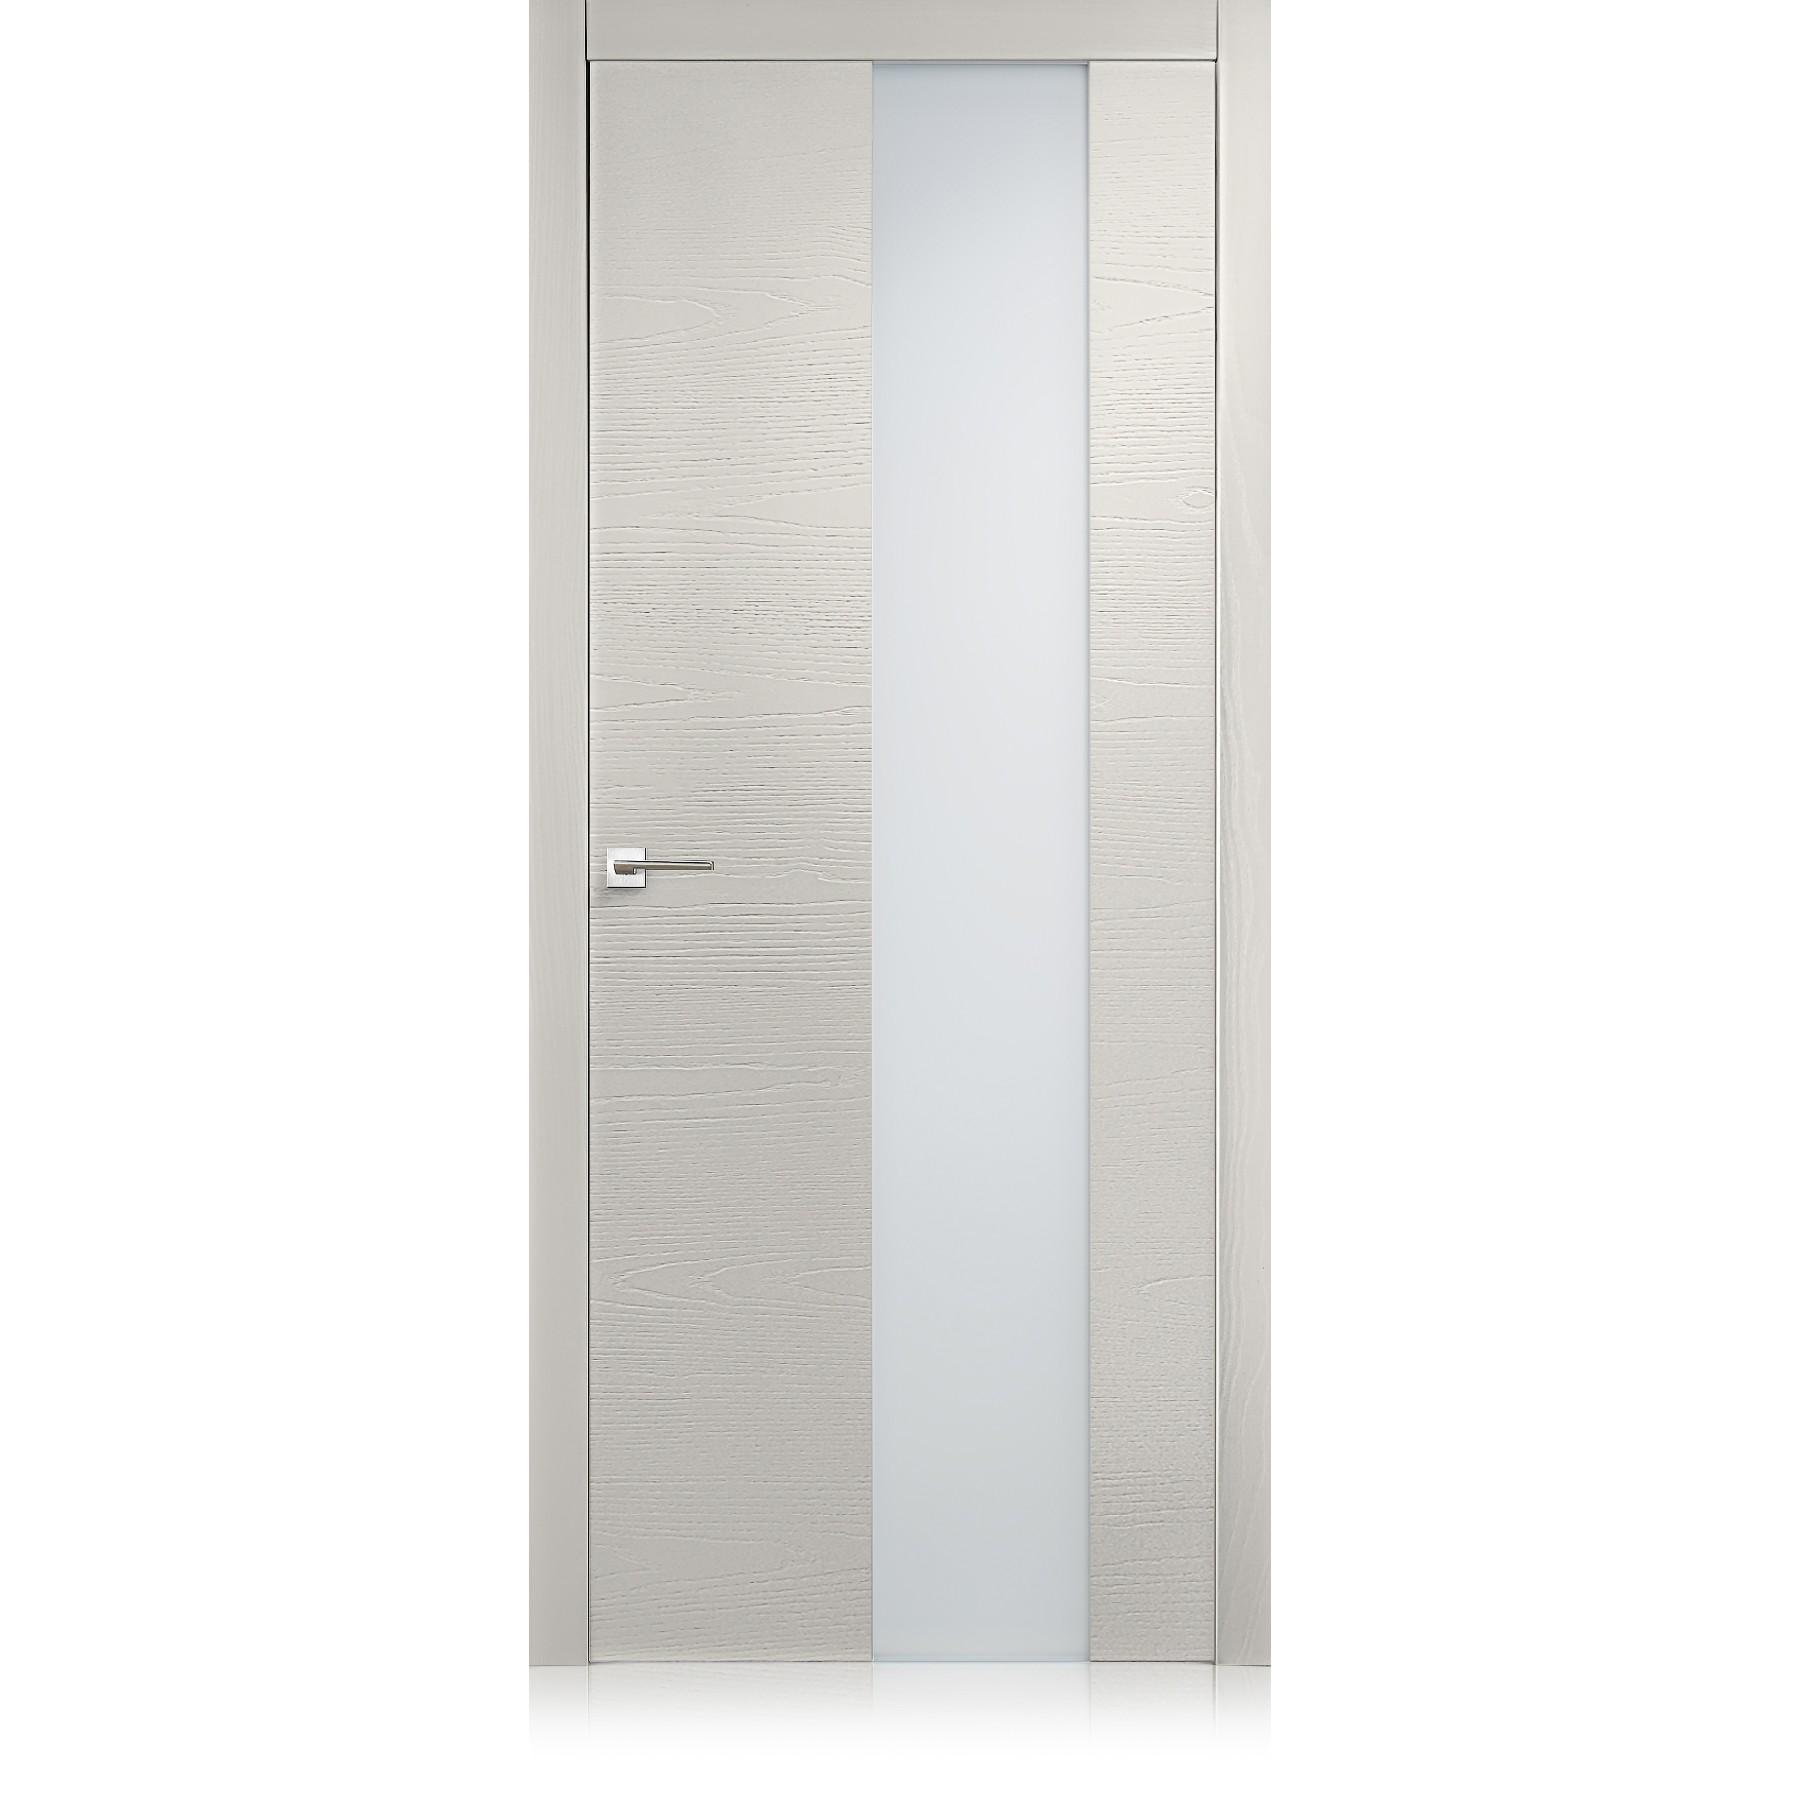 Equa vetro trame grigio lux door